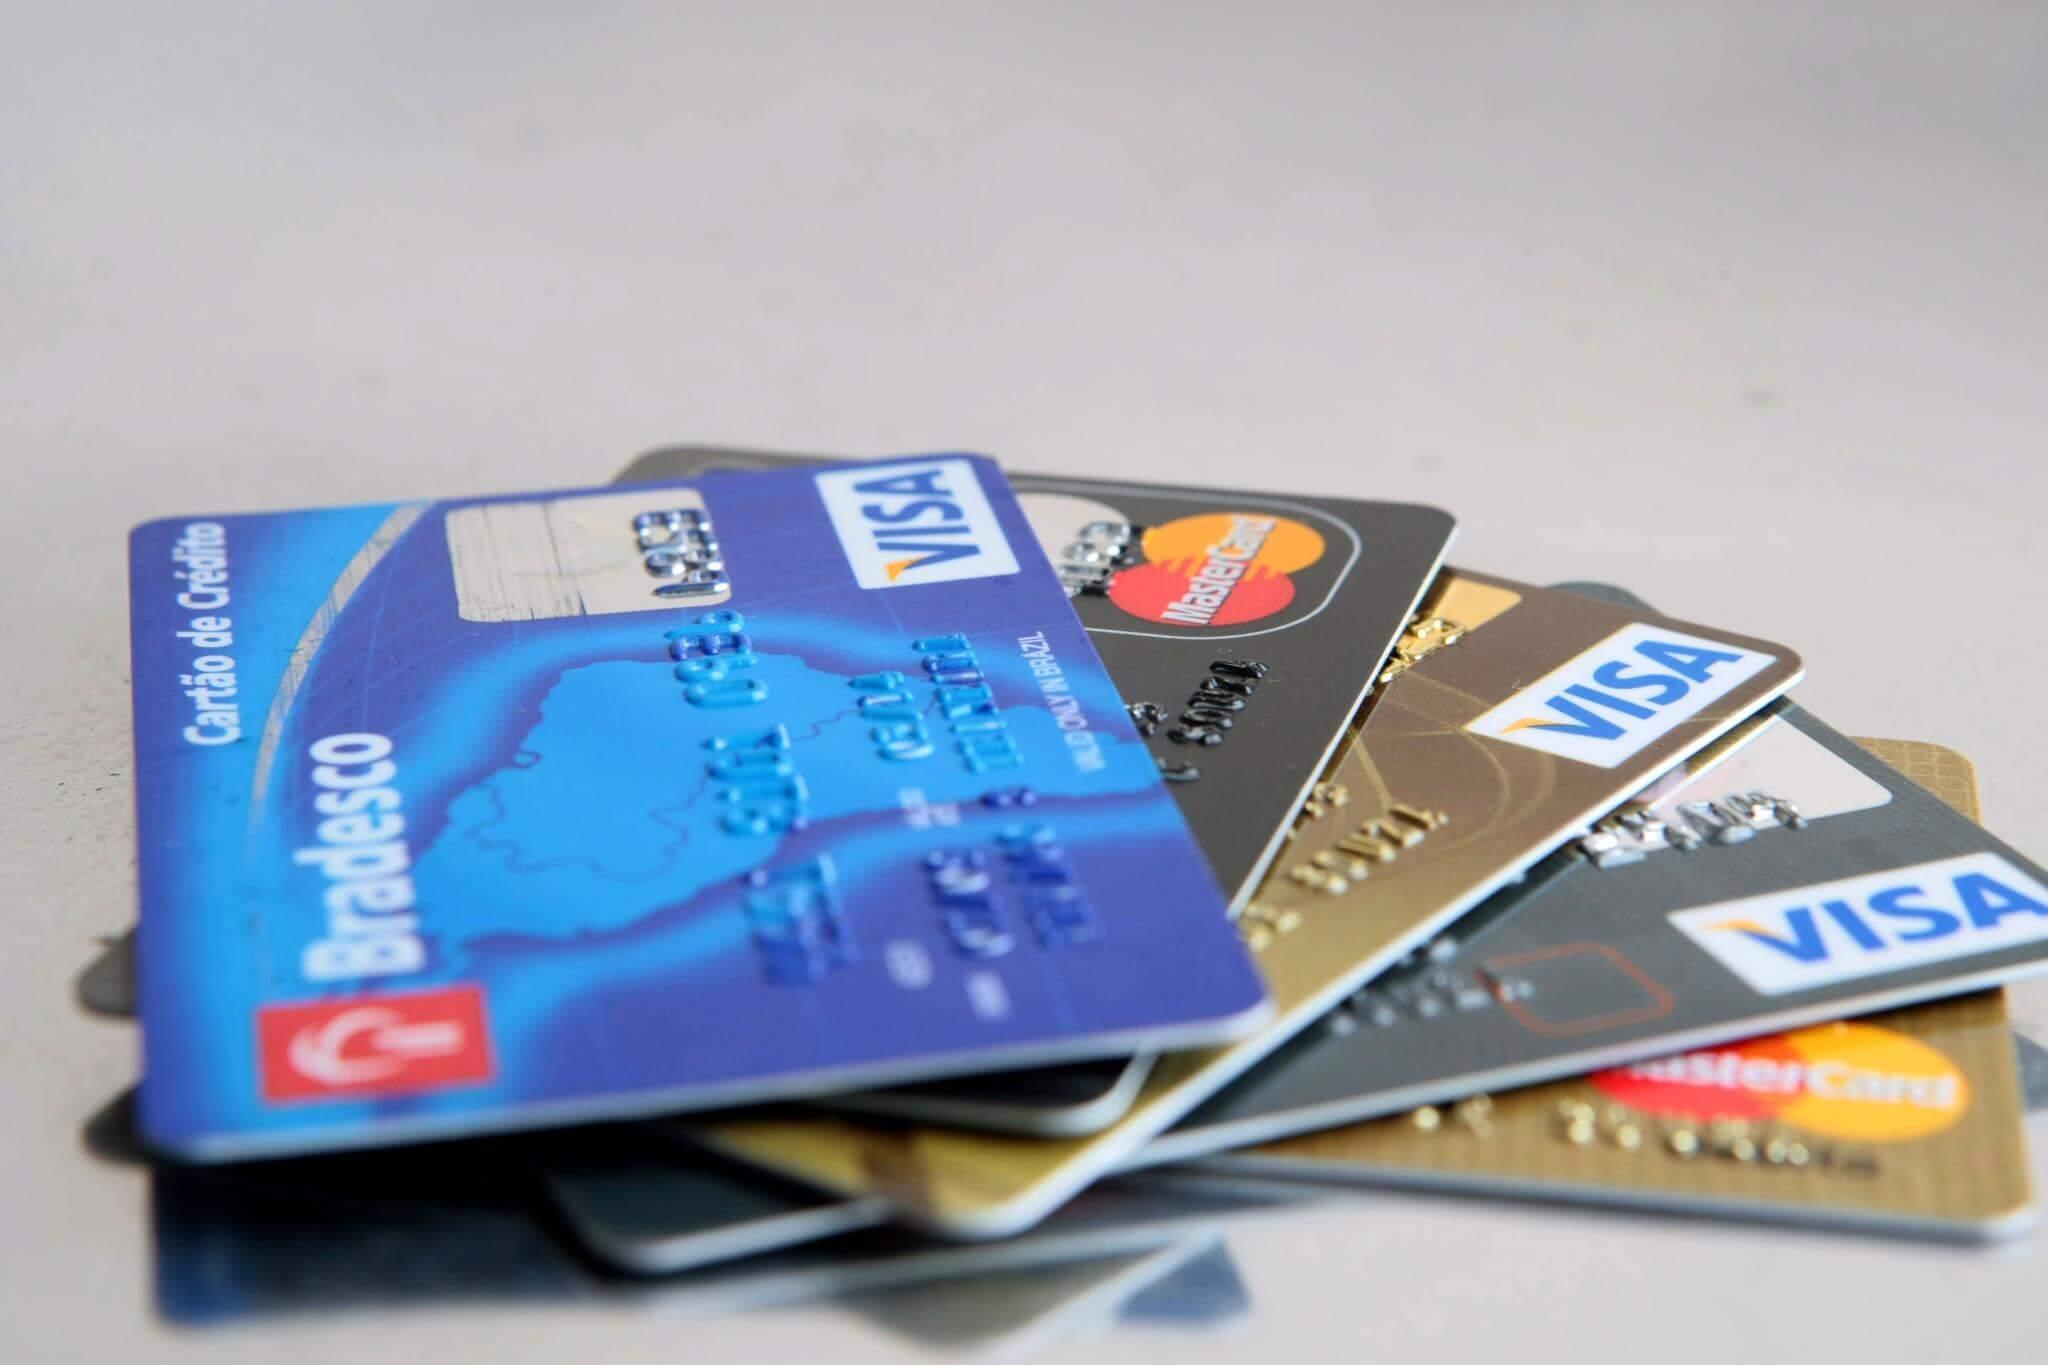 Tarjetas de crédito para usar en Cancún